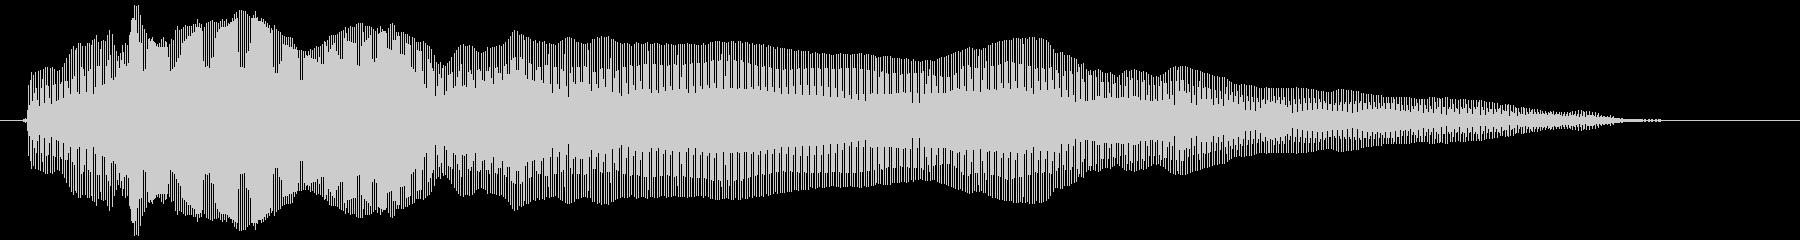 びっくりチキン特大 鳴き声(長め)の未再生の波形